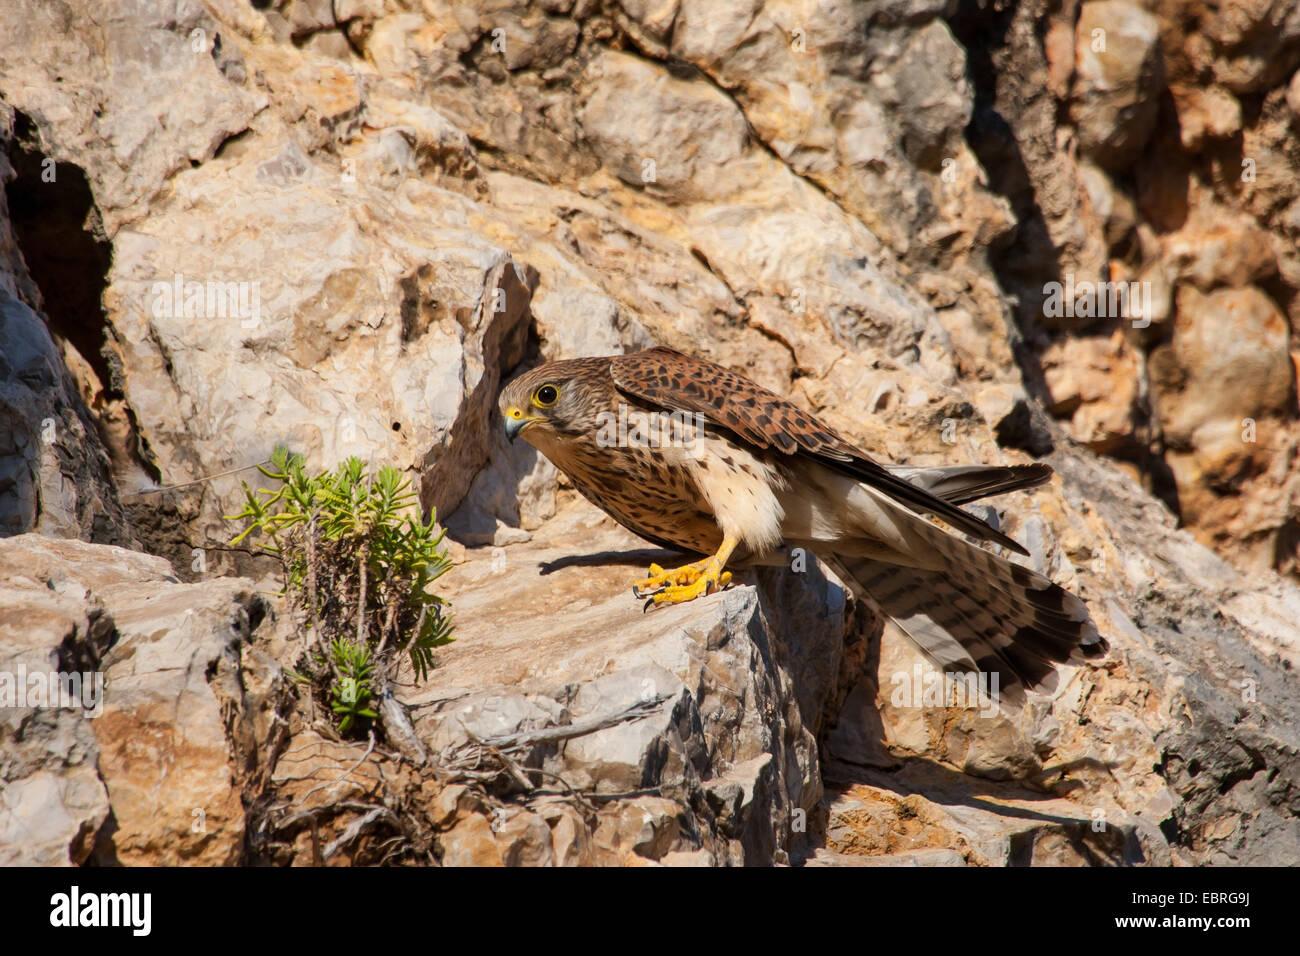 European Kestrel, Eurasian Kestrel, Old World Kestrel, Common Kestrel (Falco tinnunculus), landed on a ledge, Spain, - Stock Image